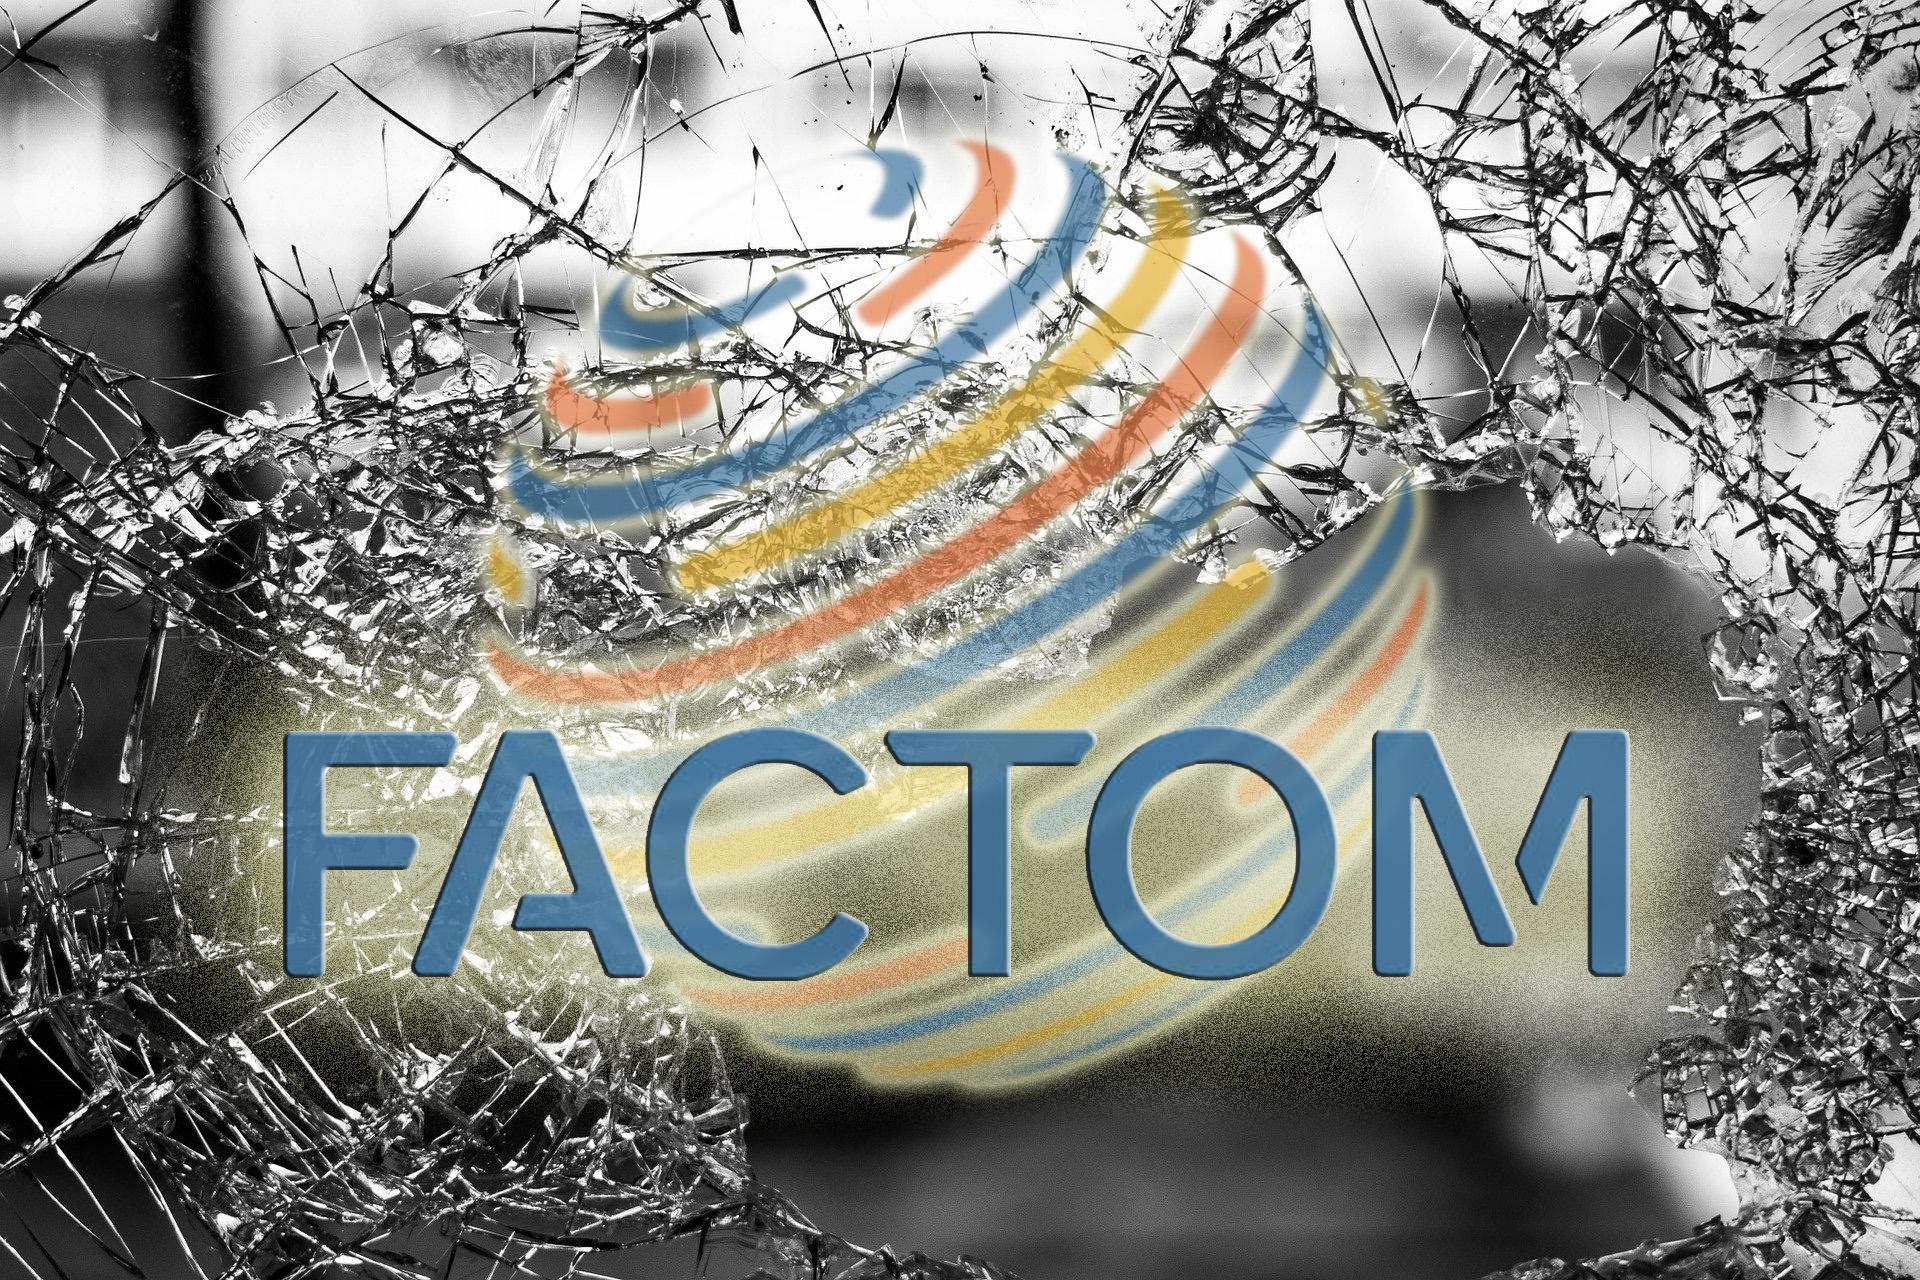 仮想通貨ファクトム(FTC)開発企業「Factom Inc」が清算手続き!